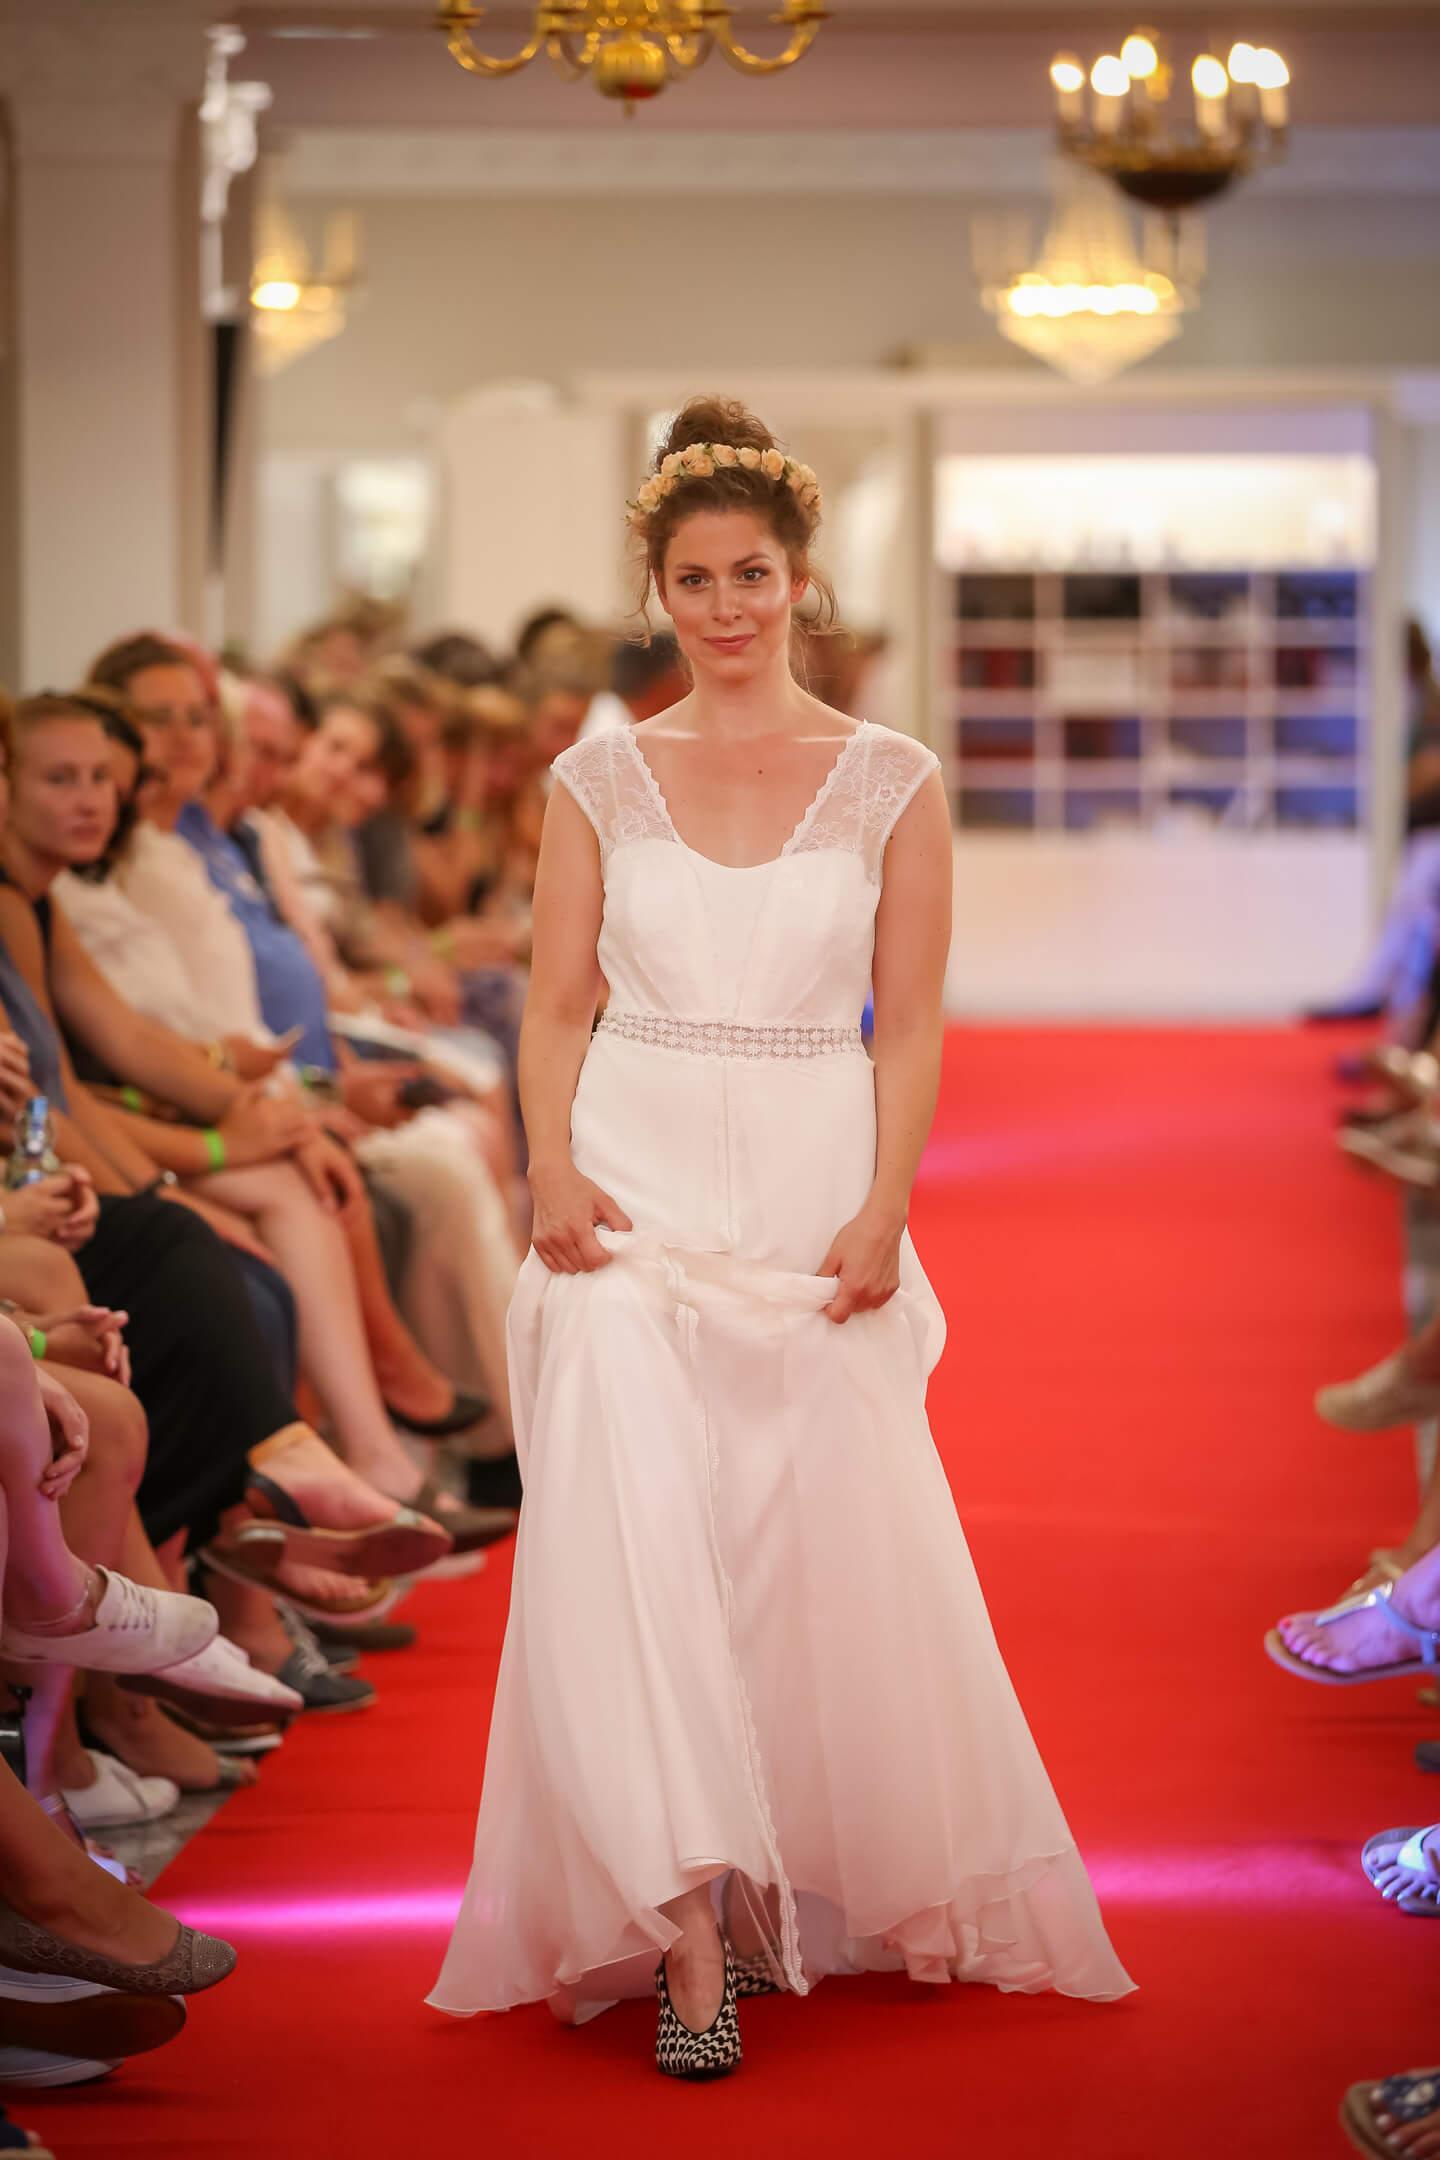 Model im Hochzeitskleid auf dem Laufsteg